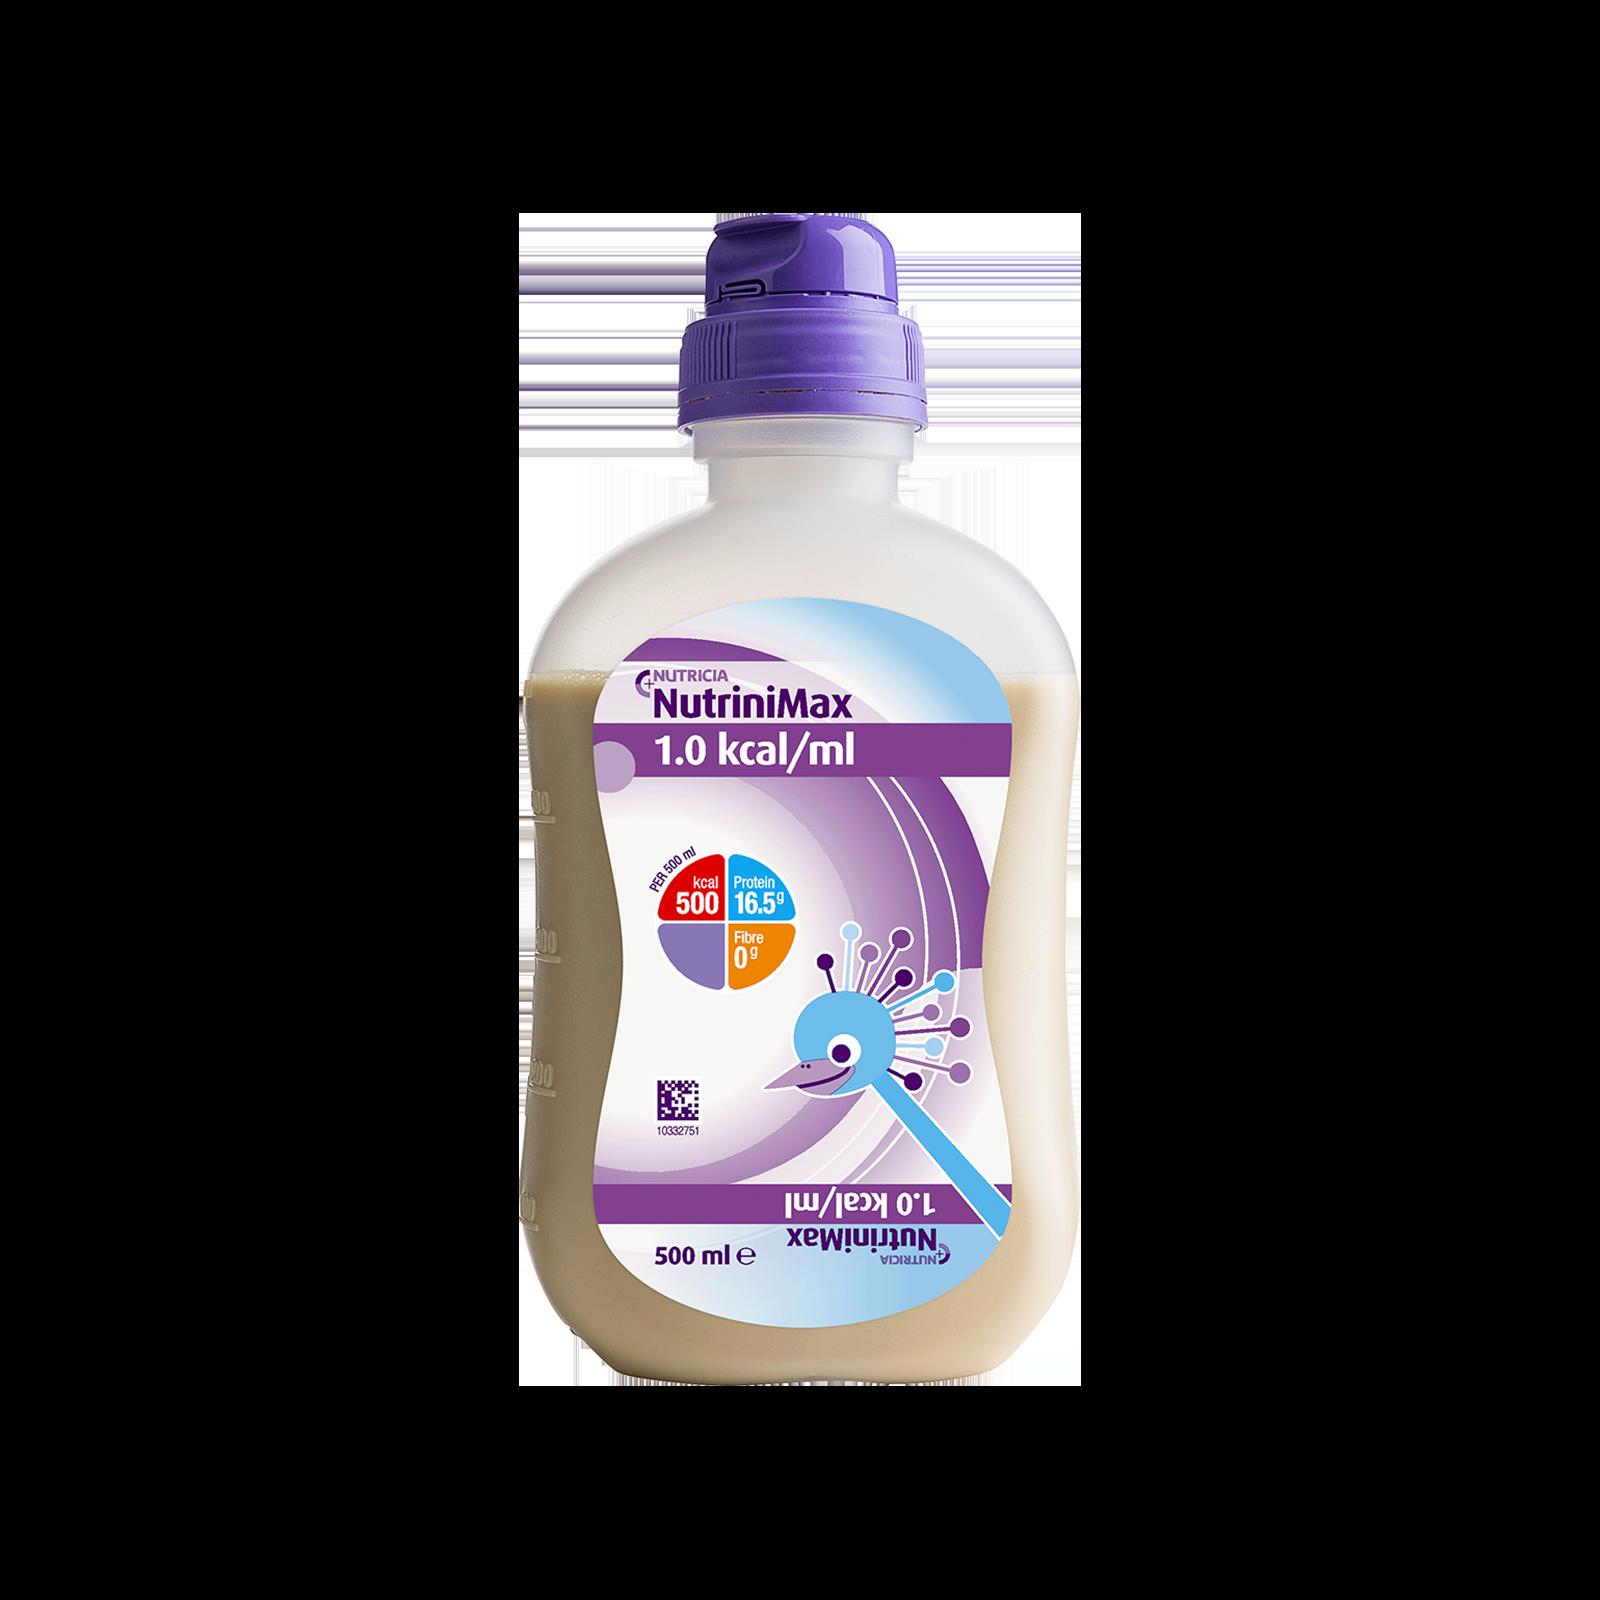 NutriniMax Bottiglia Collassabile da 500 ml | Nutricia